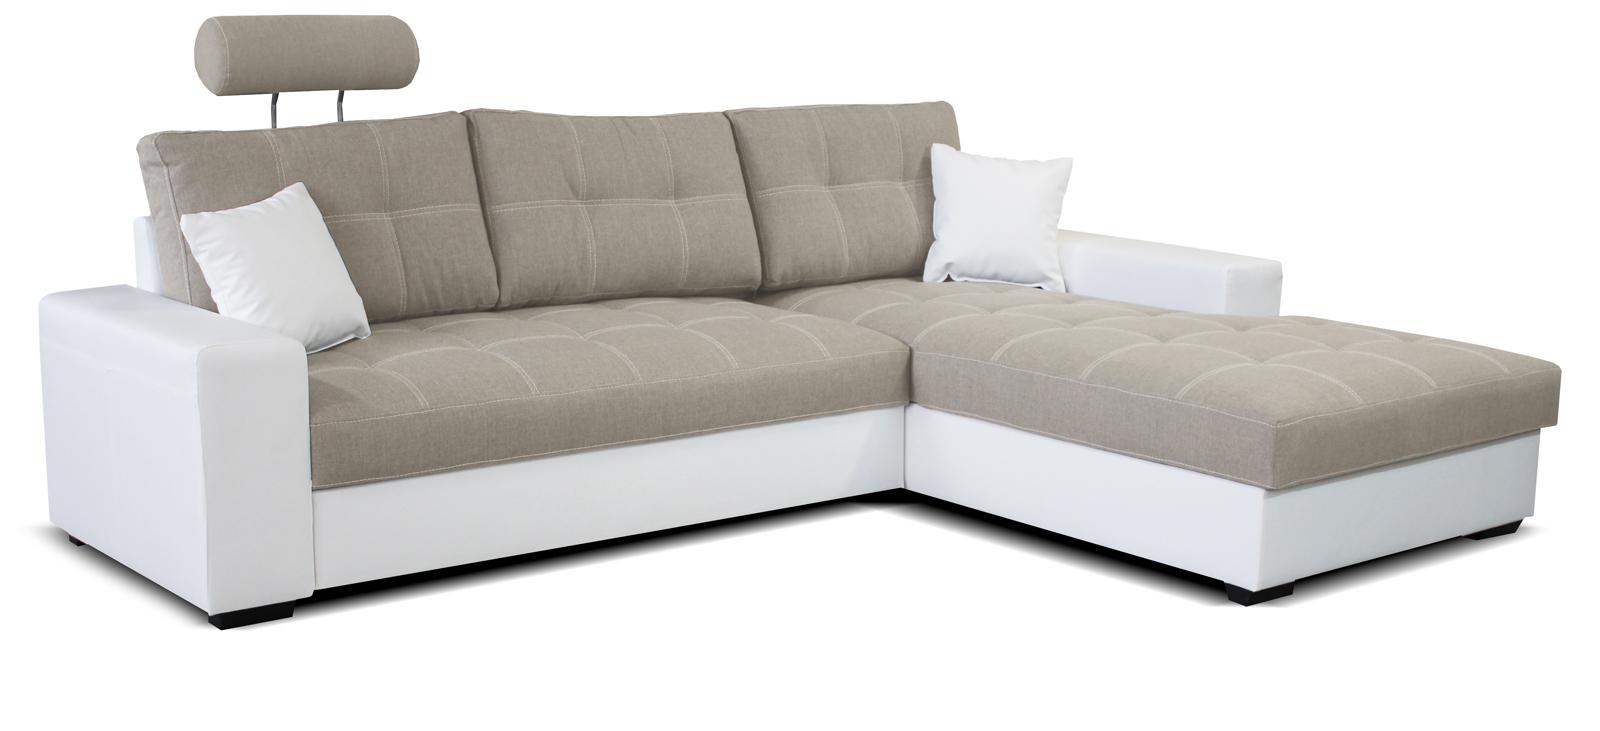 Rohová sedací souprava - Po-Sed - Corato 2F+L (béžová + bílá) (P)